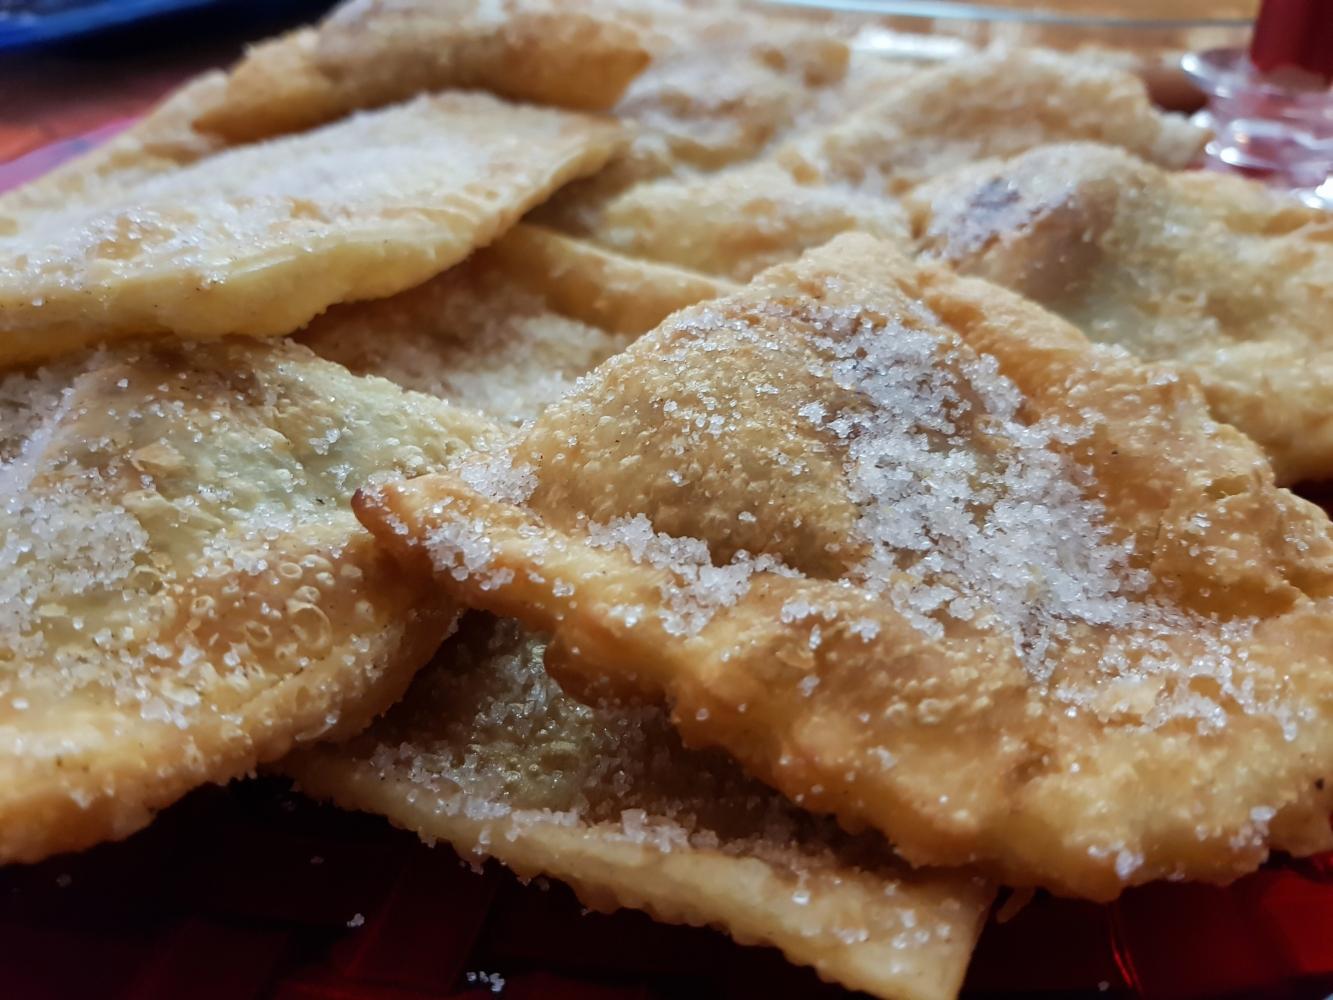 receita de azevias de batata-doce no forno